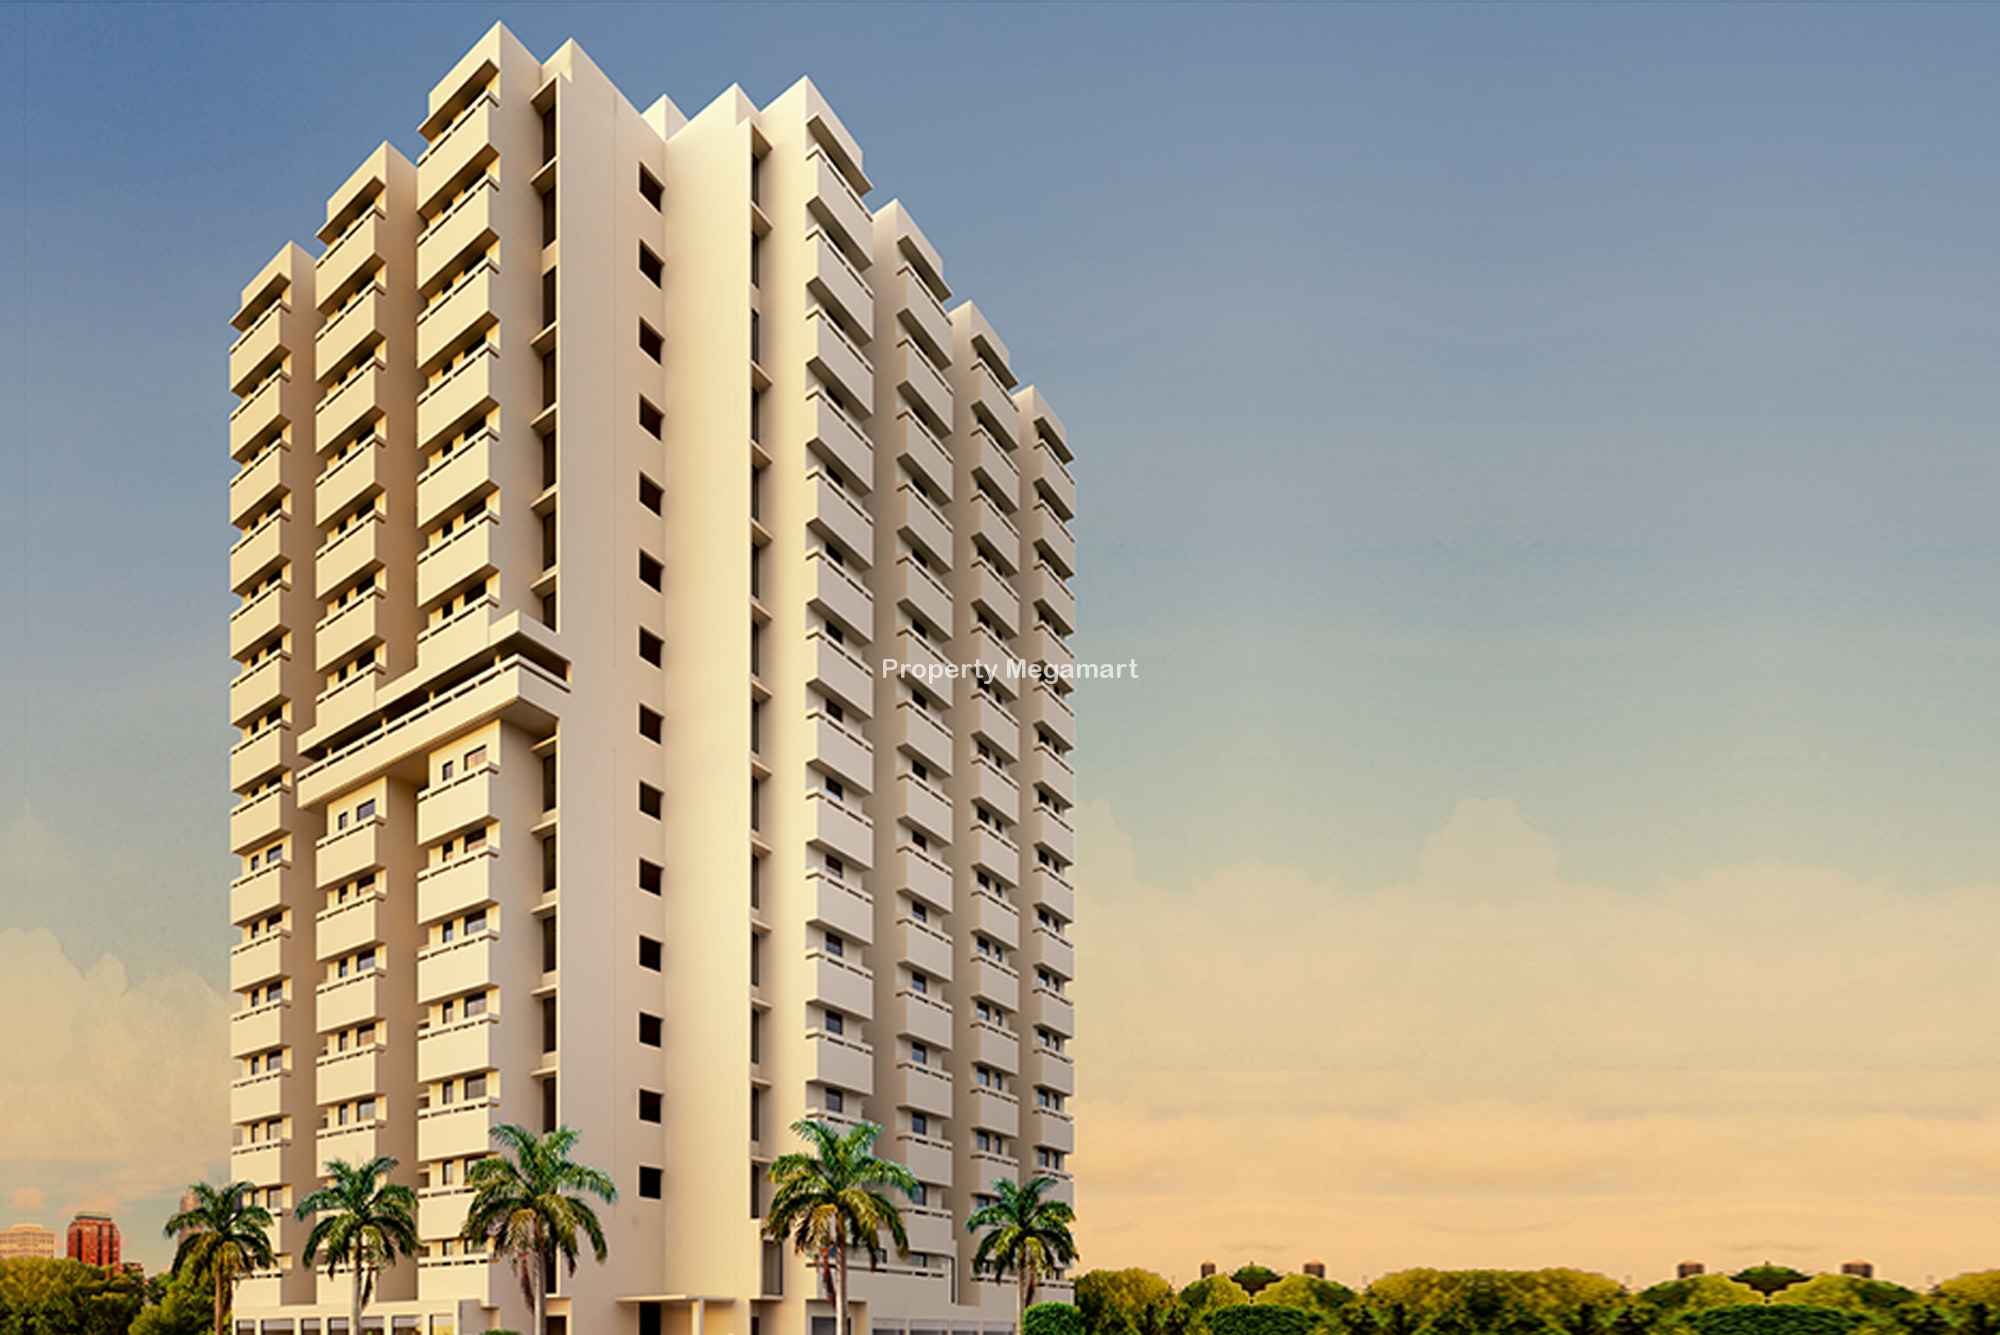 Prabhat Darshan khar in Khar by Shivalik Ventures | Property Megamart